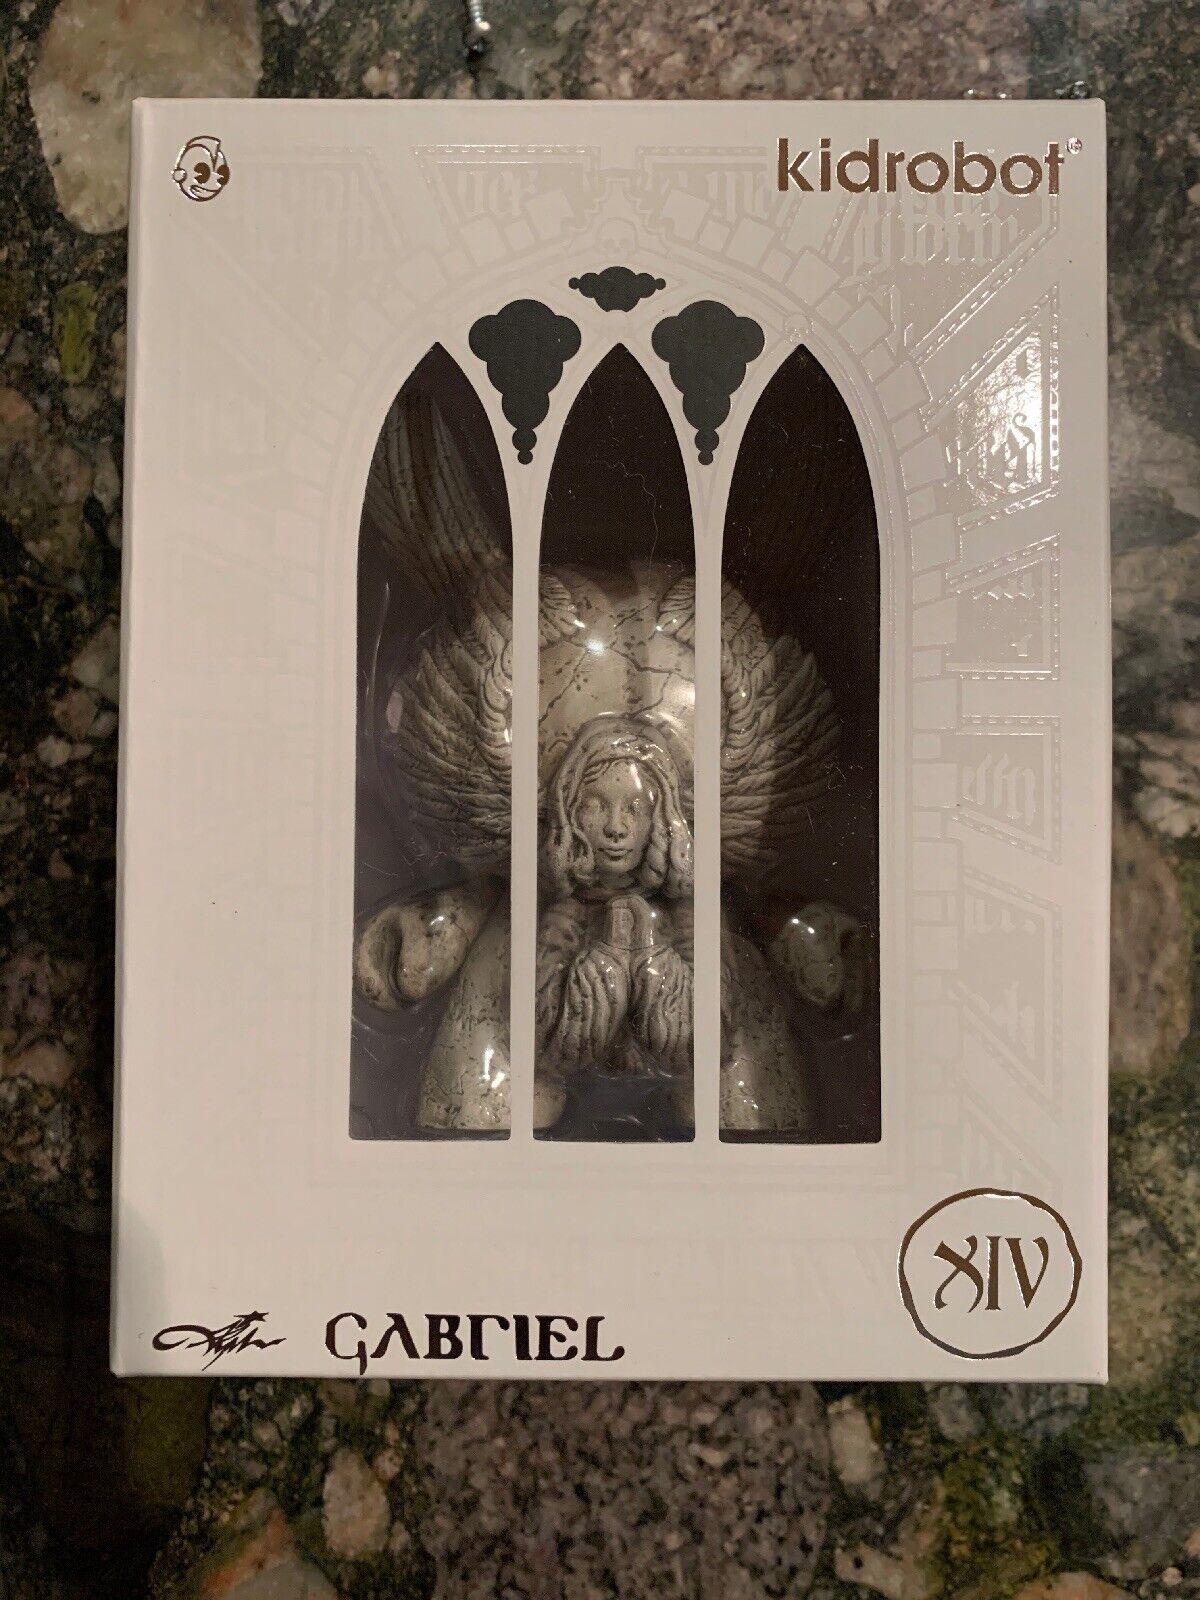 Arcana Adivinación 5  Gabriel Arcángel Dunny Figura Artística De Piedra Por J  Ryu Edición Limitada 1 350